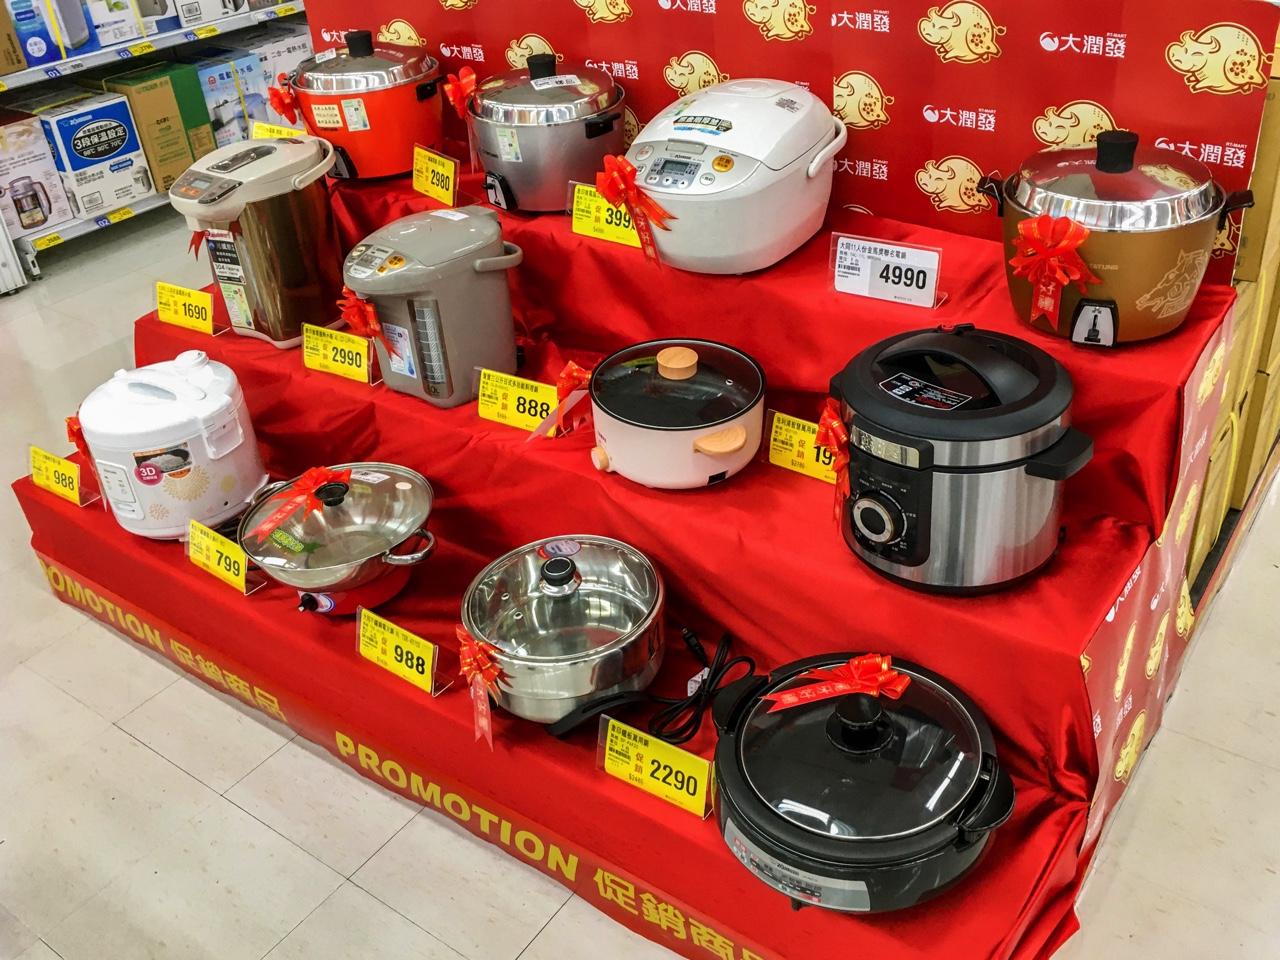 ひな壇風に並べられた調理器具